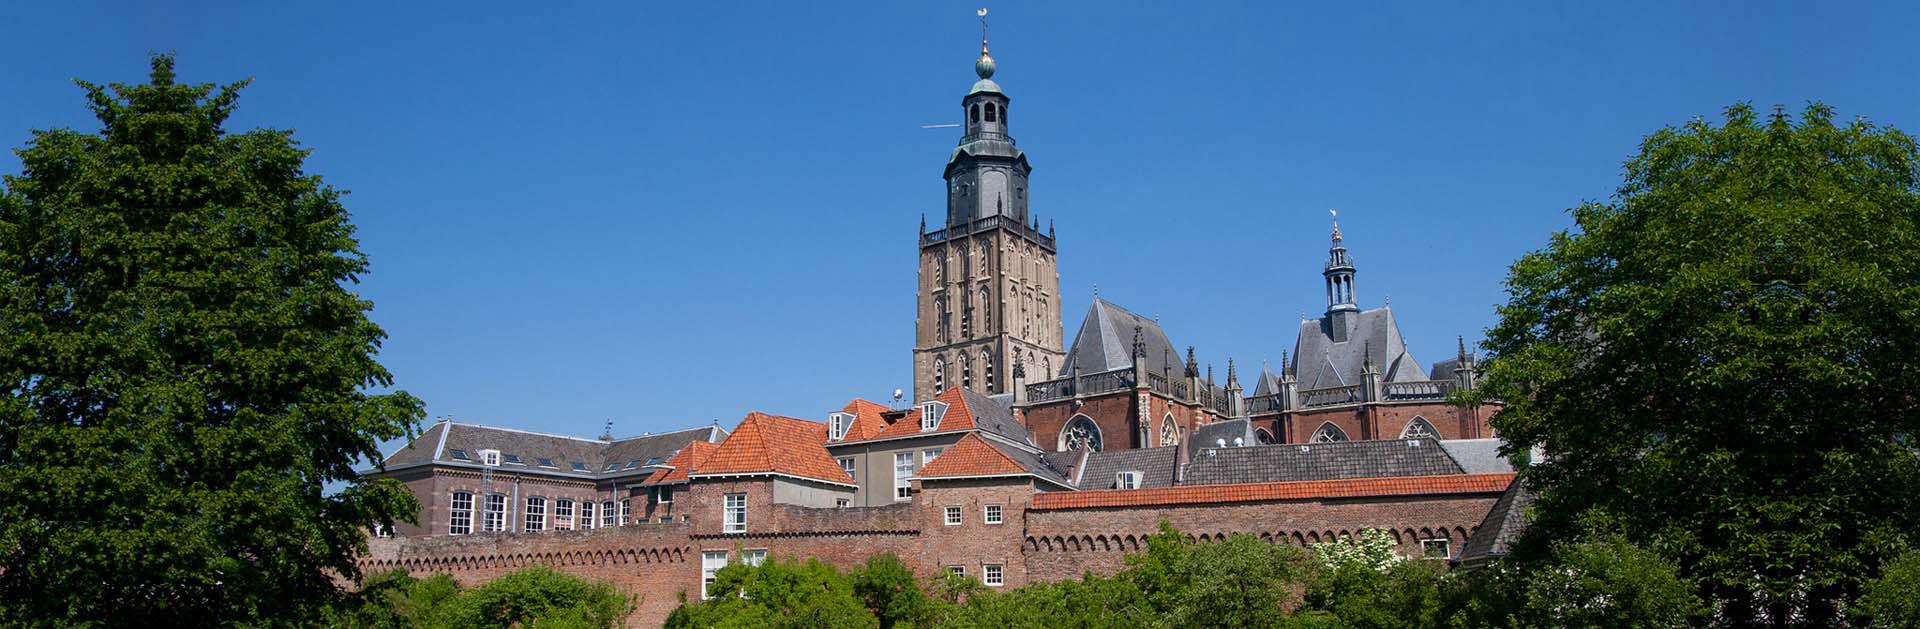 Zutphen - Hanzestad - Torenstad Achterhoek - Liemers